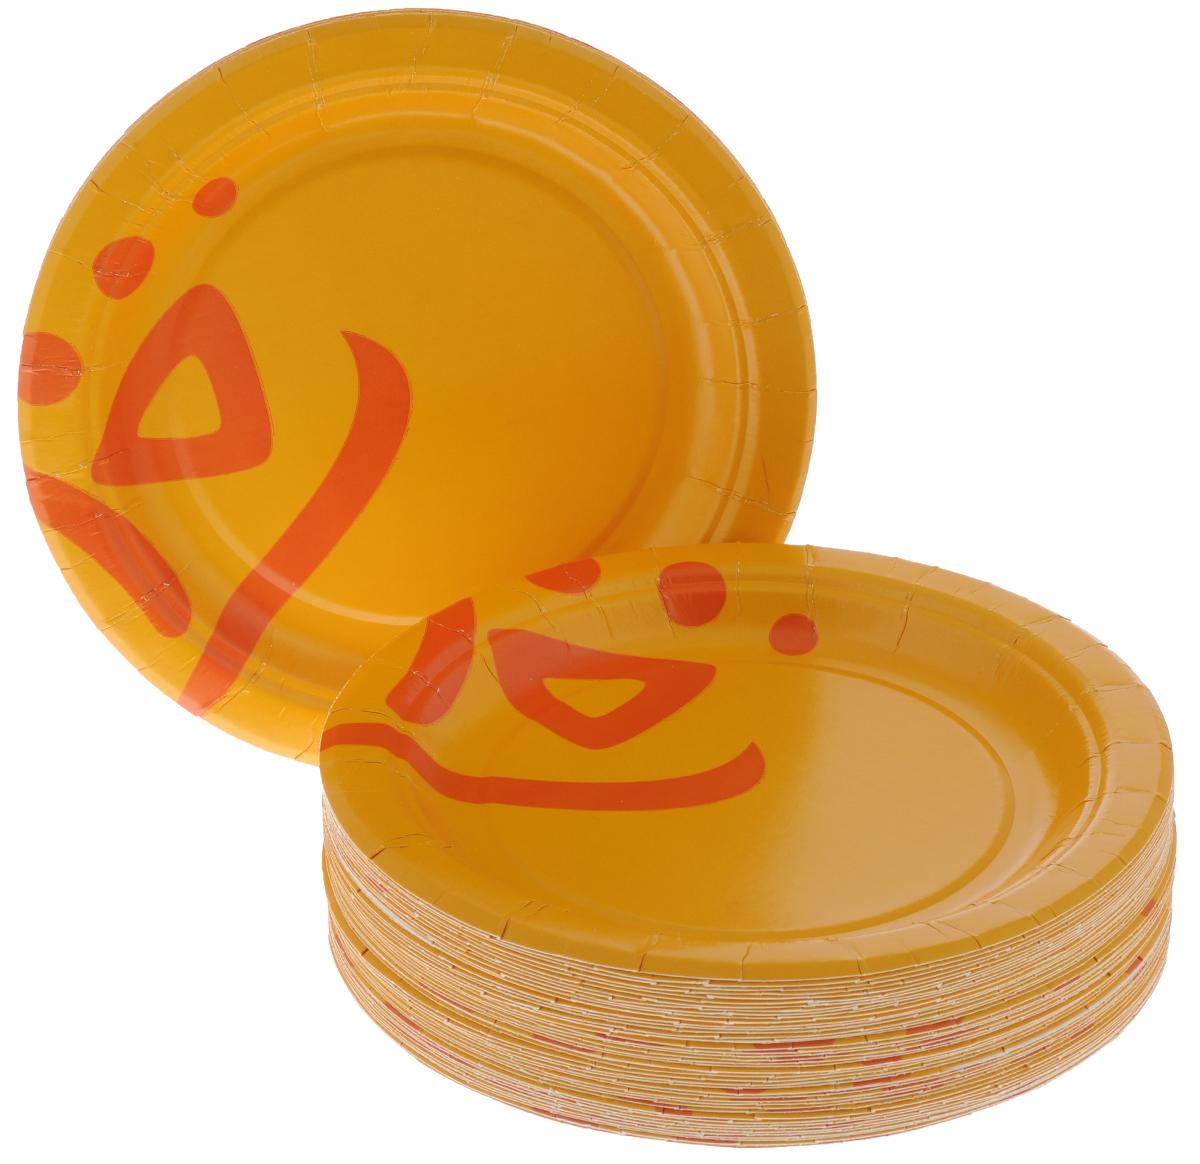 Набор одноразовых тарелок Huhtamaki Whizz, диаметр 18 см, 50 штПОС22915Набор Huhtamaki Whizz состоит из 50 круглых тарелок, выполненных из плотной бумаги и предназначенных для одноразового использования. Изделия декорированы оригинальным узором. Одноразовые тарелки будут незаменимы при поездках на природу, пикниках и других мероприятиях. Они не займут много места, легки и самое главное - после использования их не надо мыть. Диаметр тарелки (по верхнему краю): 18 см. Высота тарелки: 1,5 см.